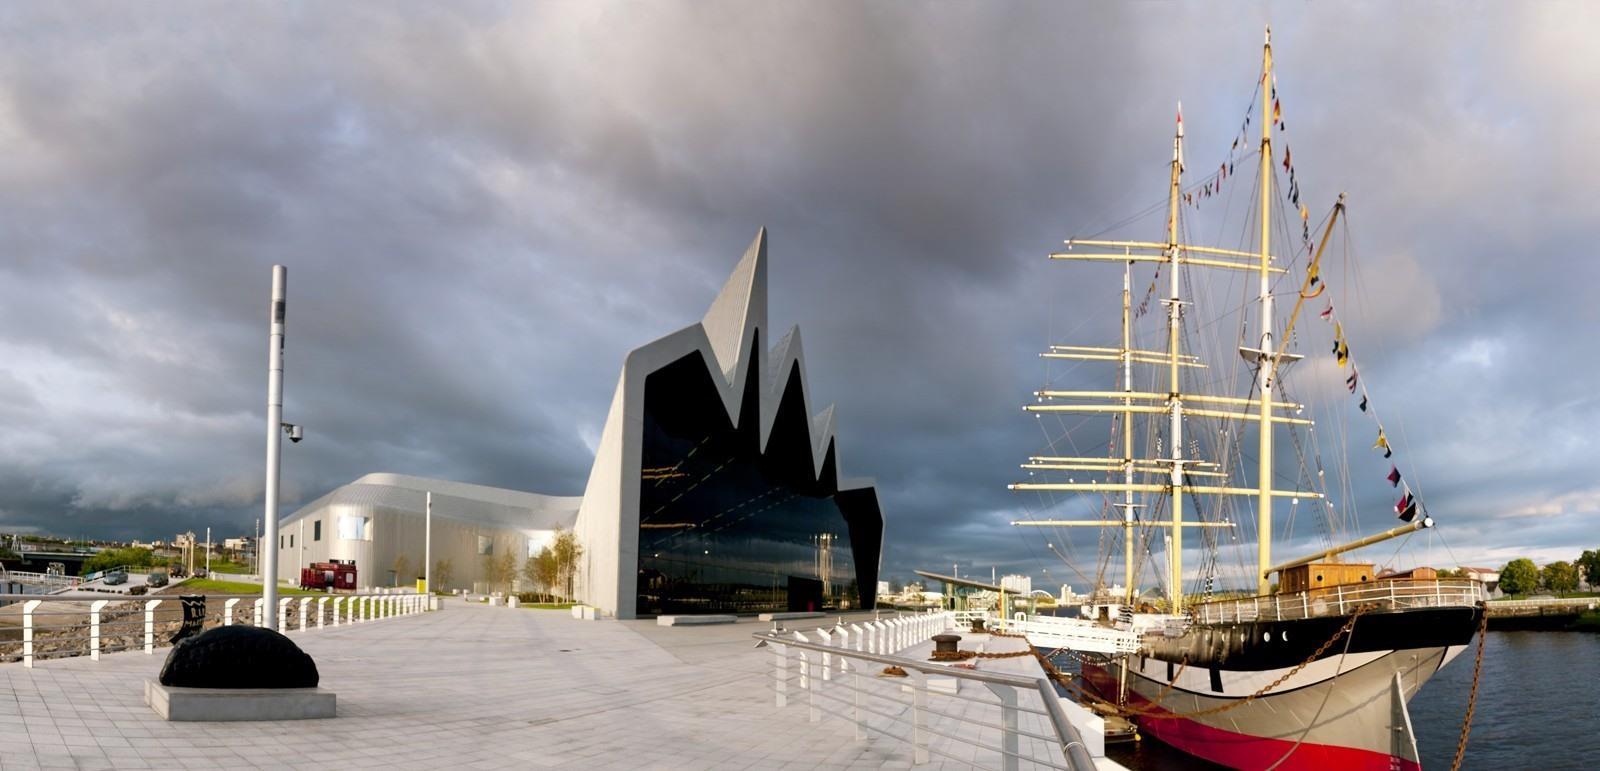 Met deze stadswandeling door Glasgow (9,7 km), ontdek je de stad op een veelzijdige manier.